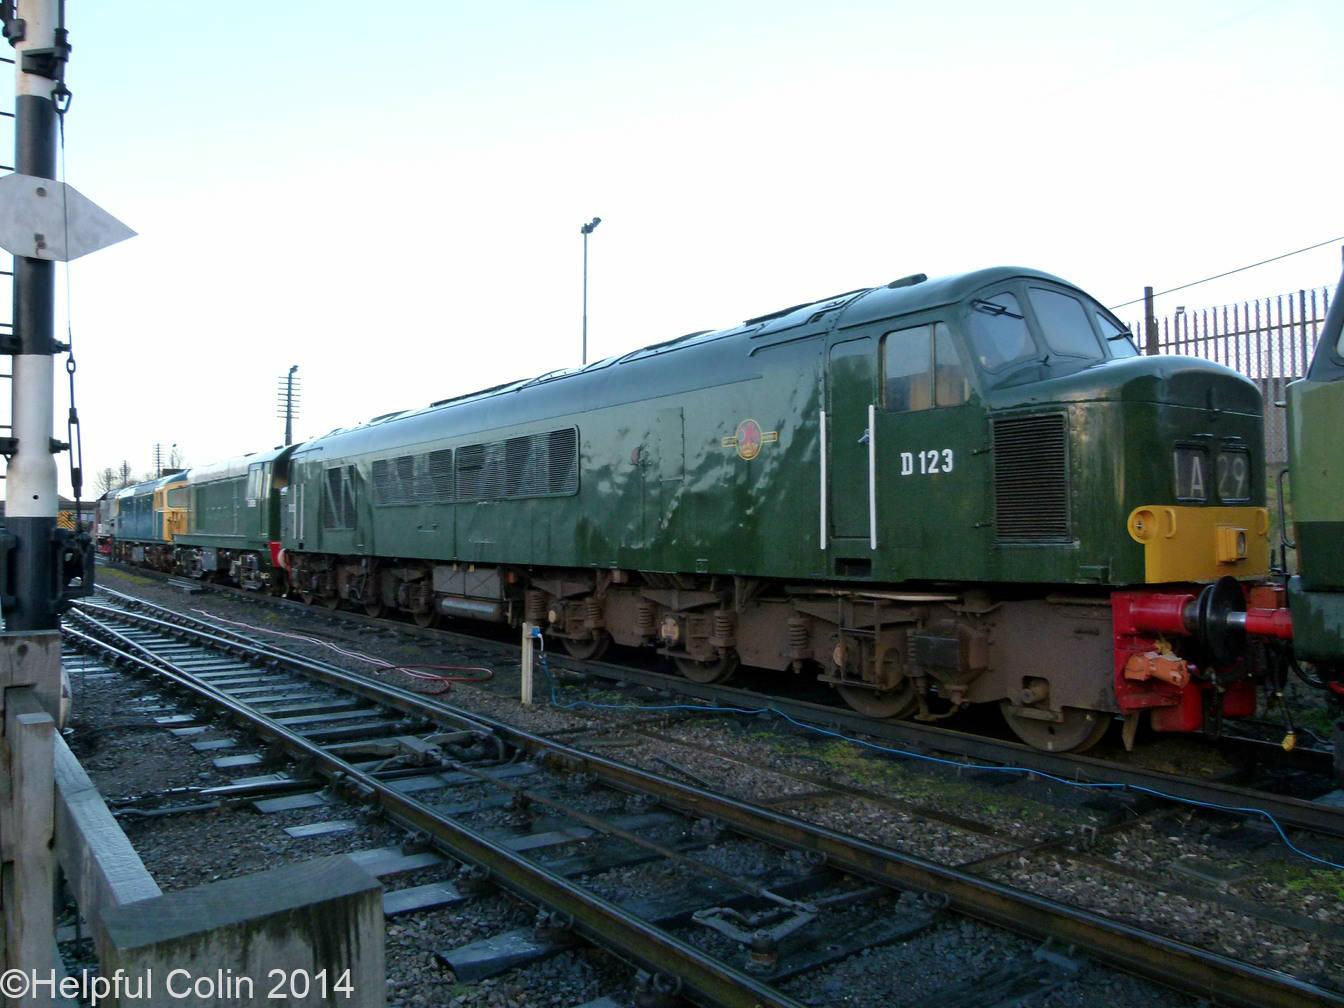 No.D123 – Class 45 1Co-1Co diesel-electric locomotive